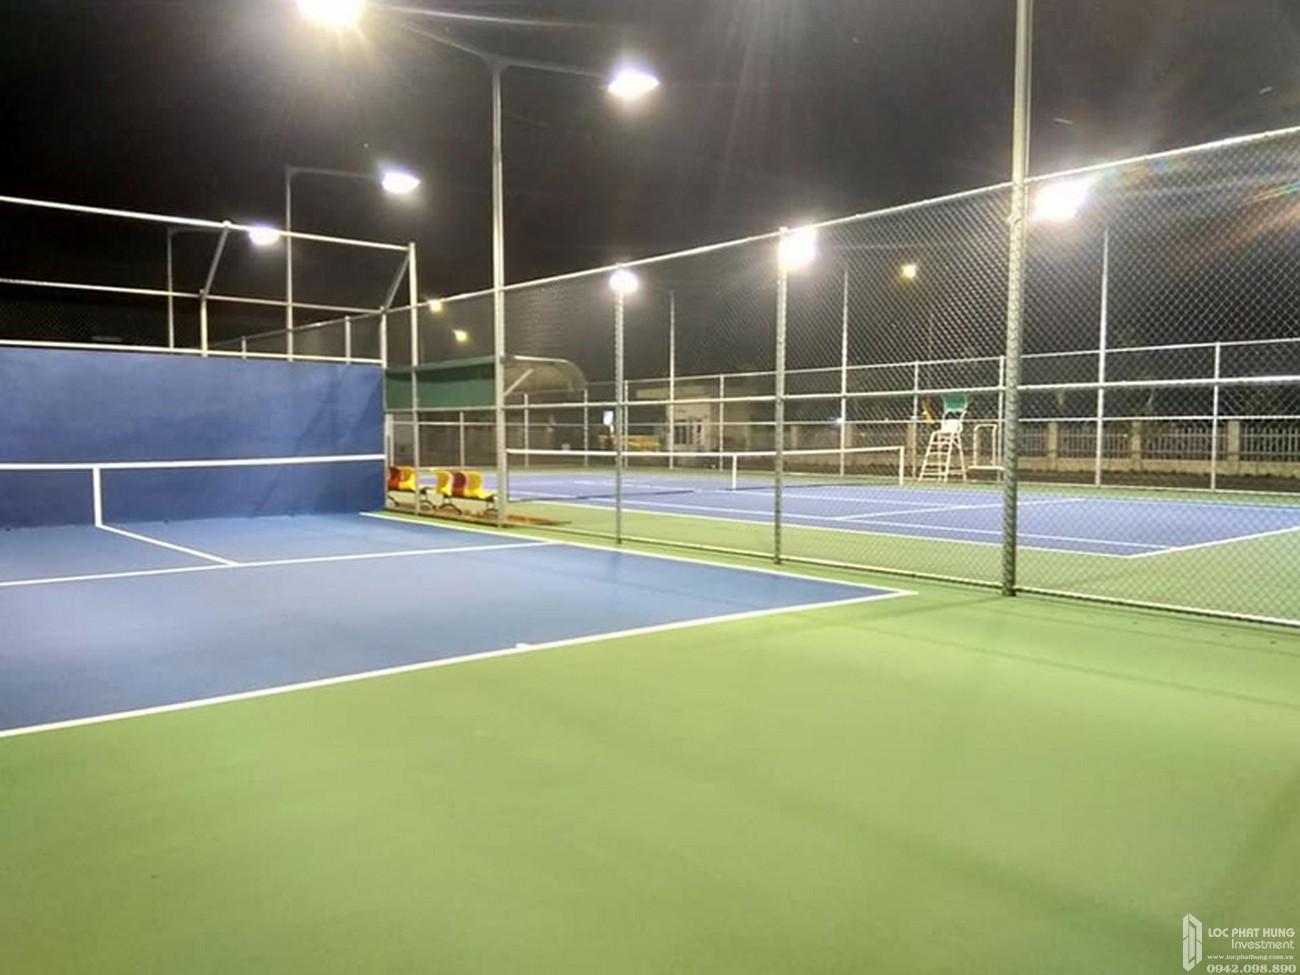 Tiện ích dự án nhà phố Palm Marina Quận 9 Đường 15A5 Long Trường chủ đầu tư Novaland